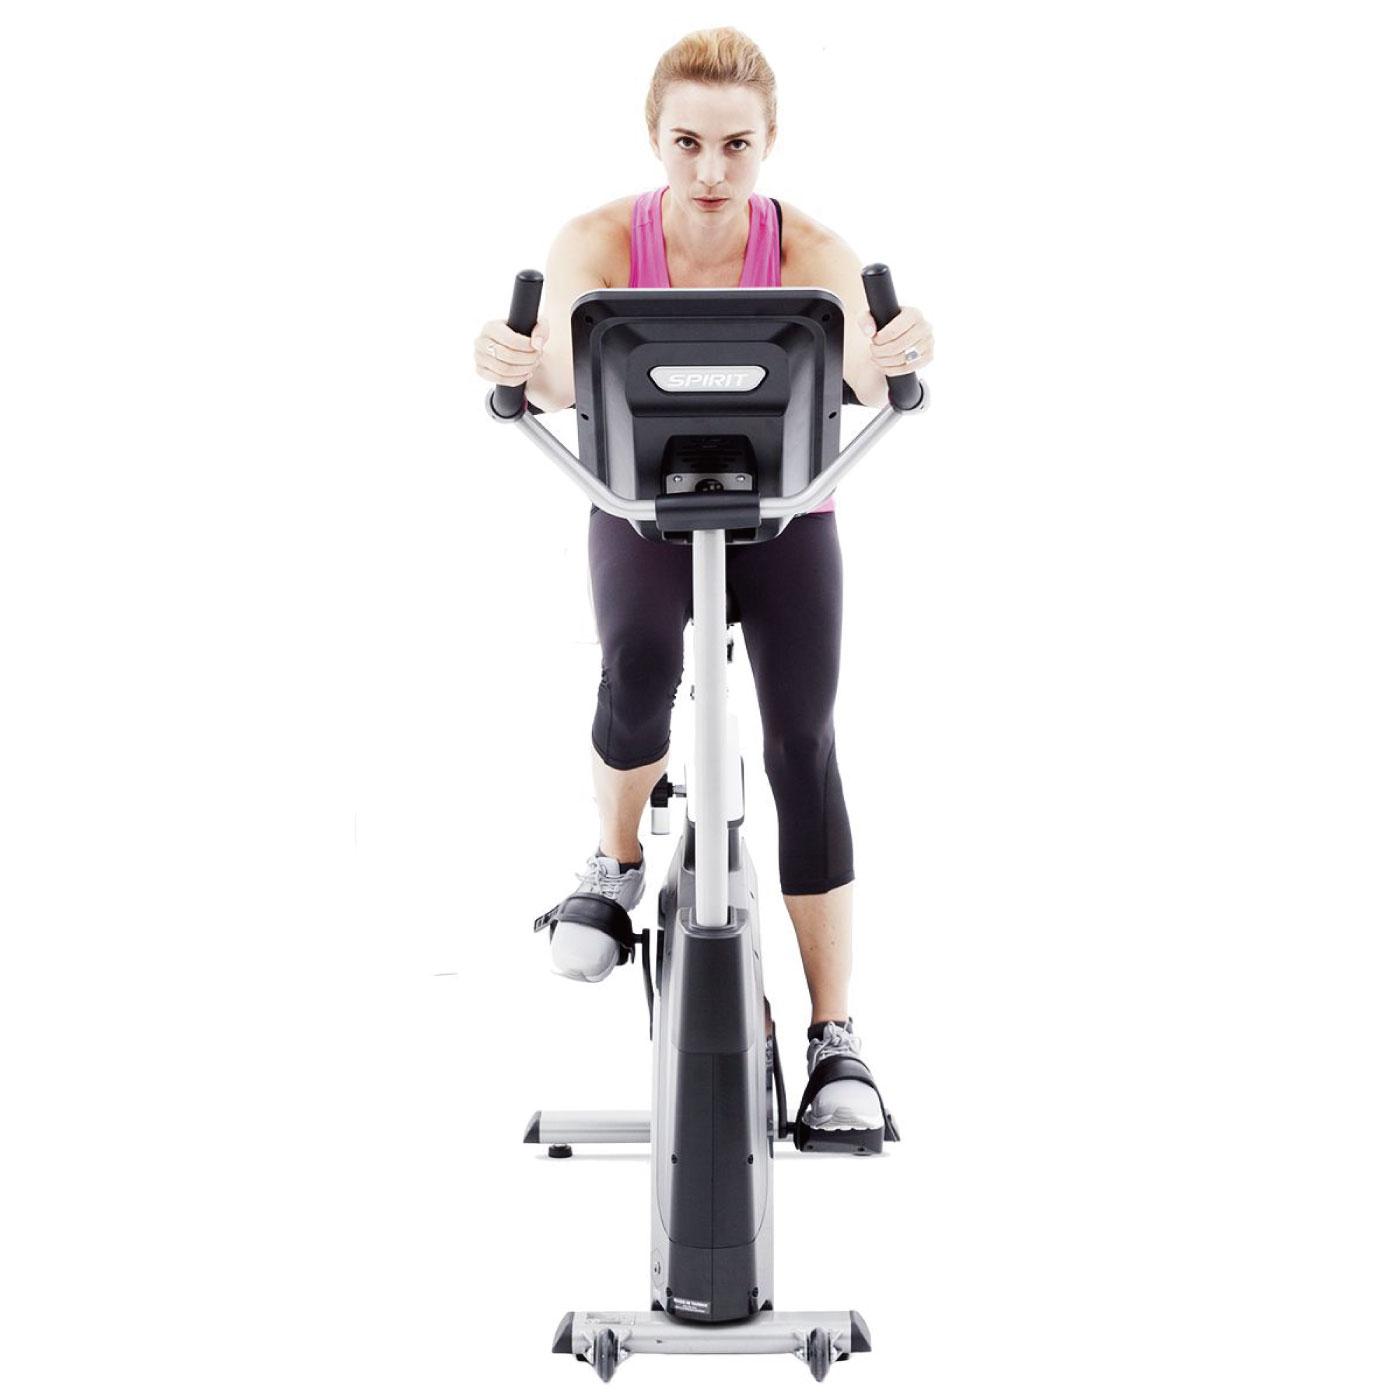 XBU55/医療用(リハビリ・機能訓練向け)アップライトバイク〈Spirit Fitness〉《ダイヤコ》